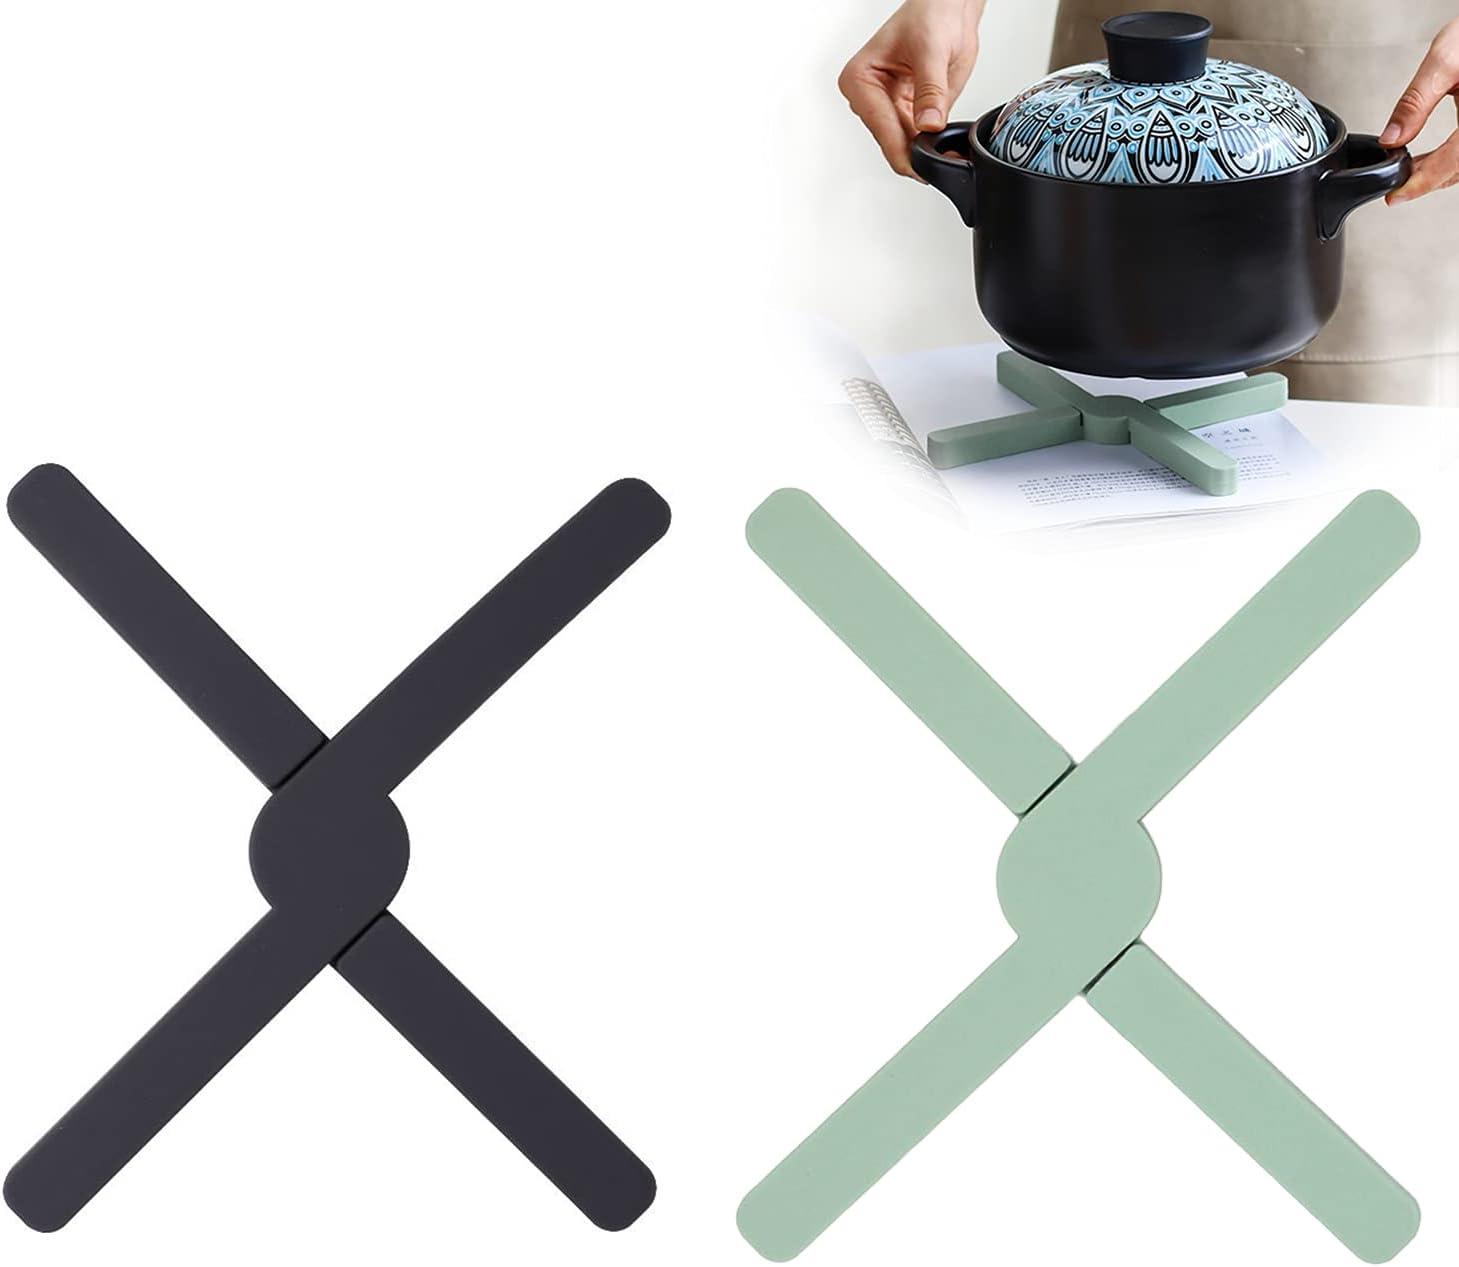 BOJLY Set di 2 Salvamanteles de Siliconapara ollas calientes, Plegable y antideslizante, Resistente al calor hasta 430°F, Apto para Lavavajillas